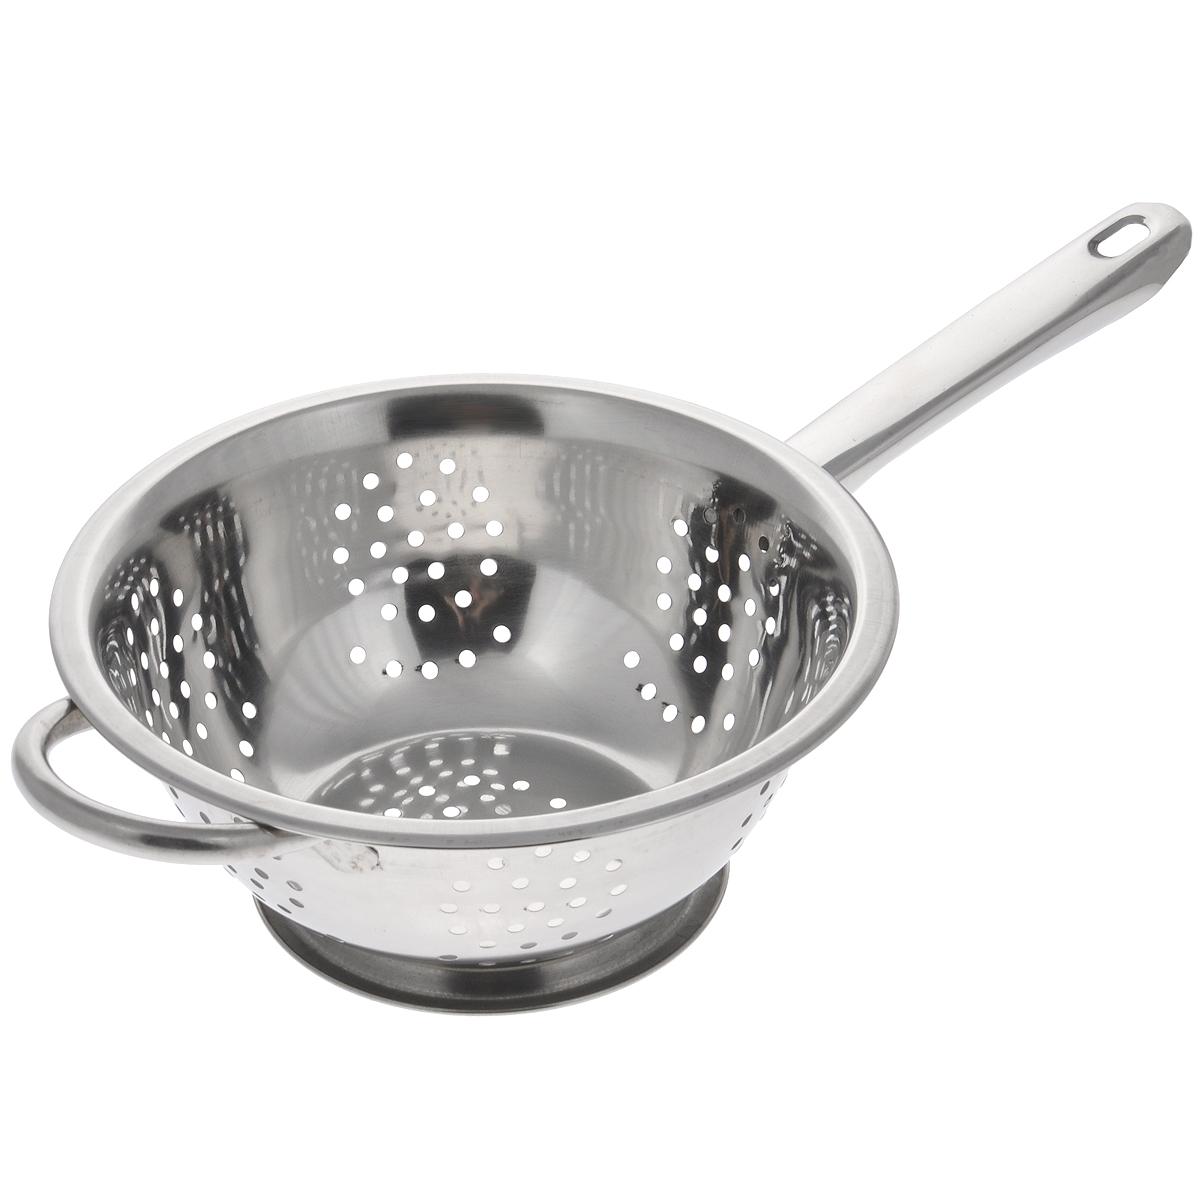 Дуршлаг Padia, диаметр 20 см. 5100-195100-19Дуршлаг Padia, изготовленный из высококачественной нержавеющей стали, станет полезным приобретением для вашей кухни. Он идеально подходит для процеживания, ополаскивания и стекания макарон, овощей, фруктов. Дуршлаг оснащен устойчивым основанием, длинной и короткой ручками. Диаметр дуршлага (без учета ручек): 20 см. Внутренний диаметр: 18 см. Длина дуршлага (с учетом ручек): 35 см. Высота стенки дуршлага: 7 см.